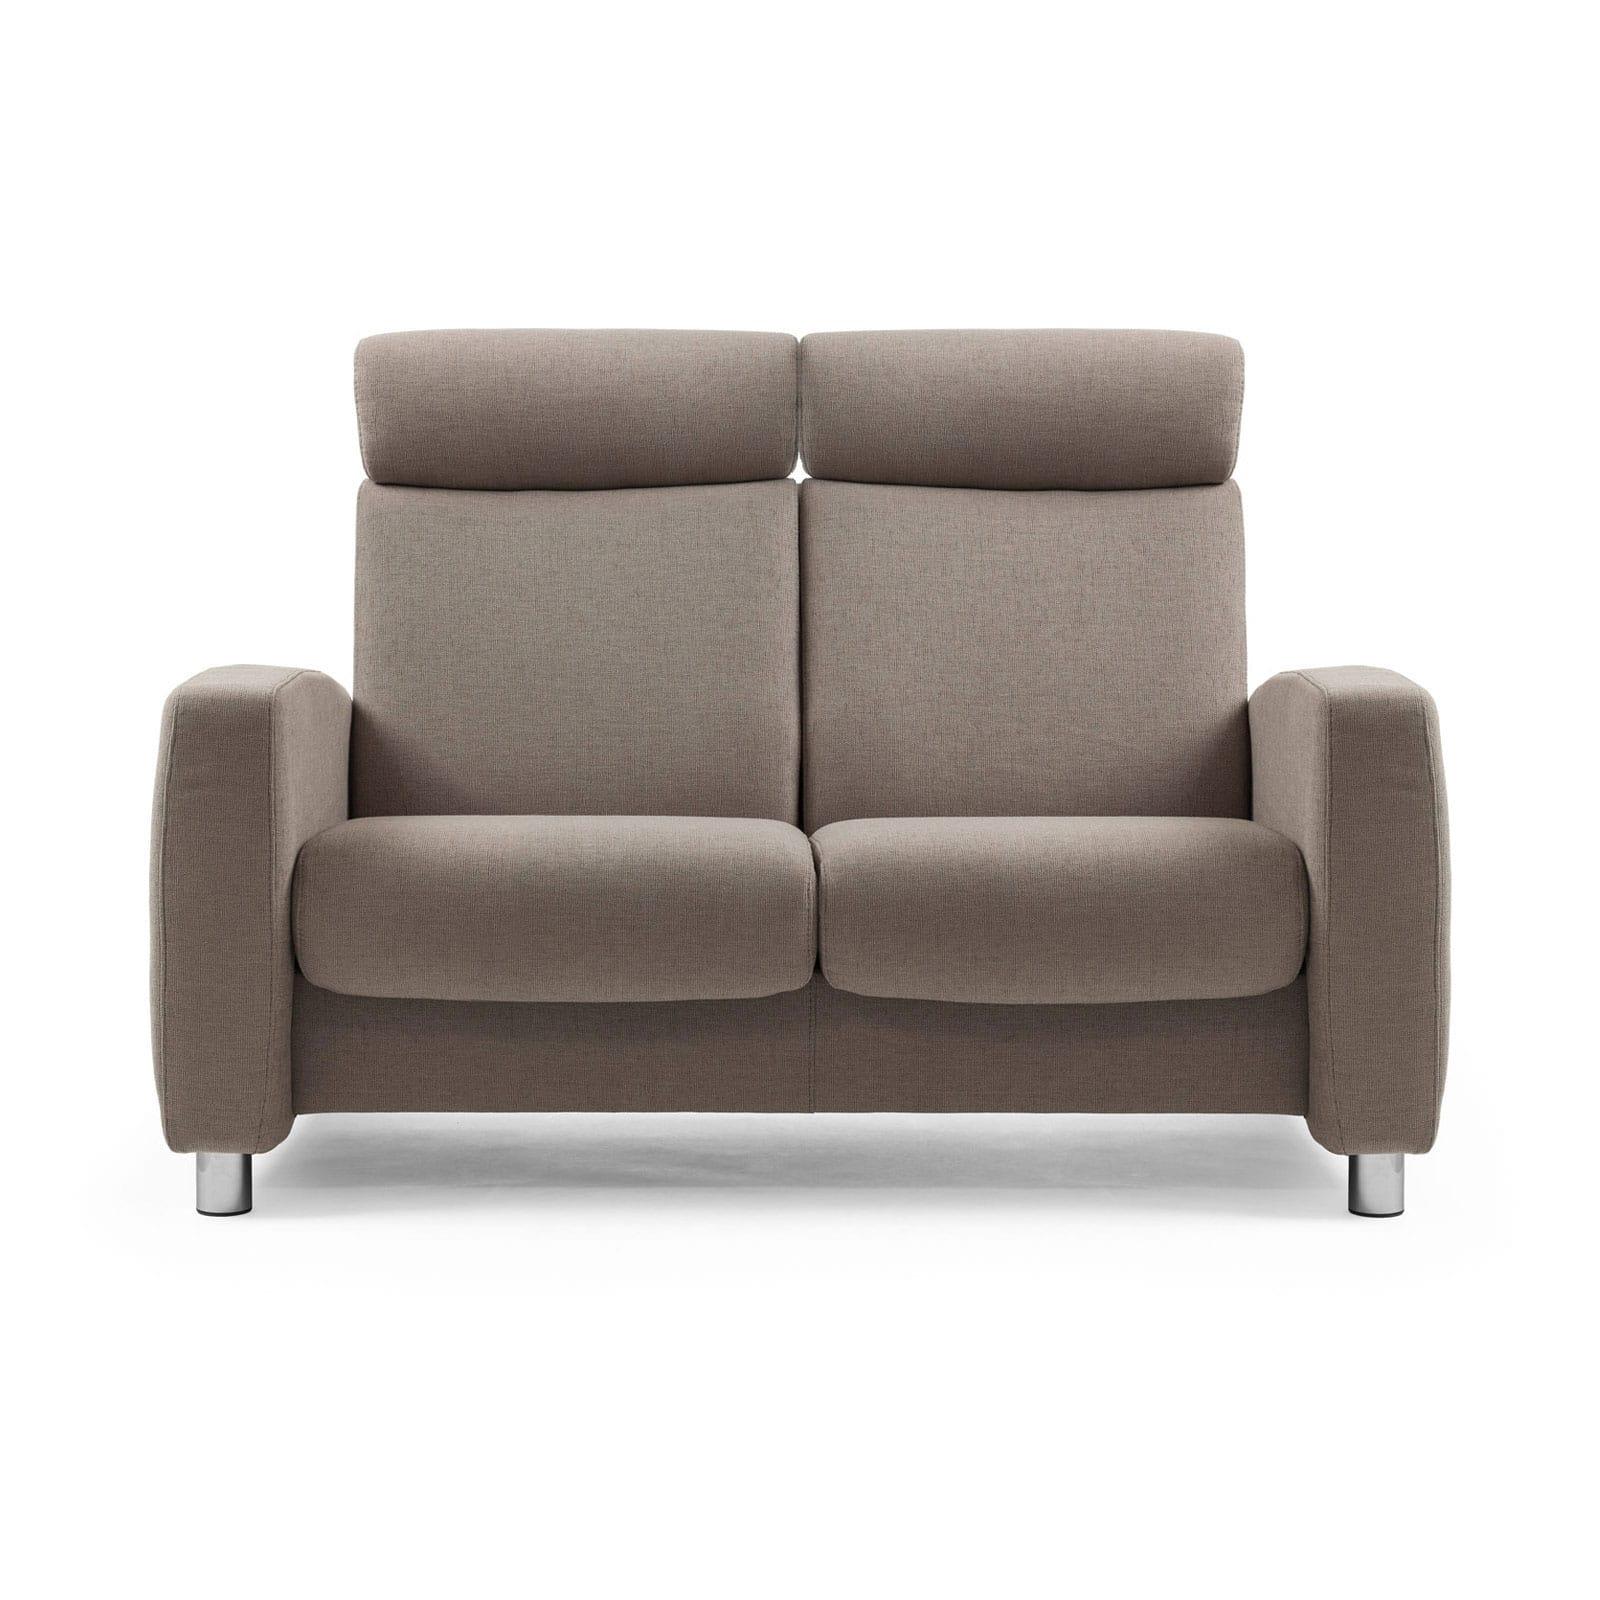 stressless sofa. Black Bedroom Furniture Sets. Home Design Ideas